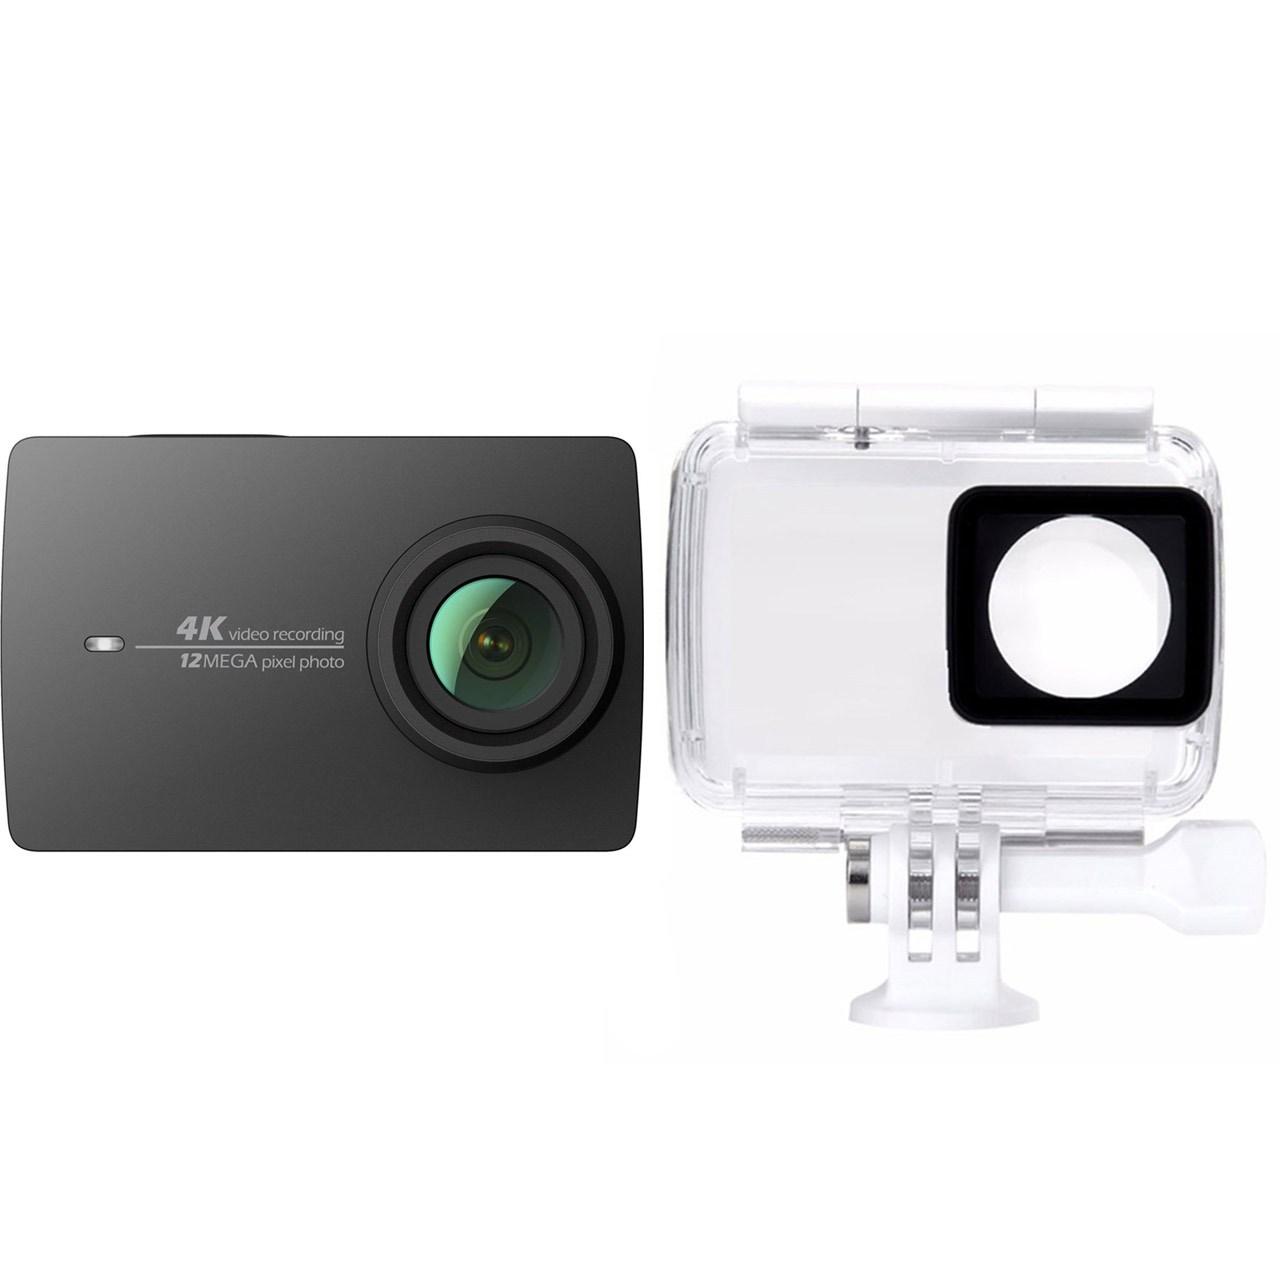 دوربین ایی مدل 4K همراه با قاب ضدآب